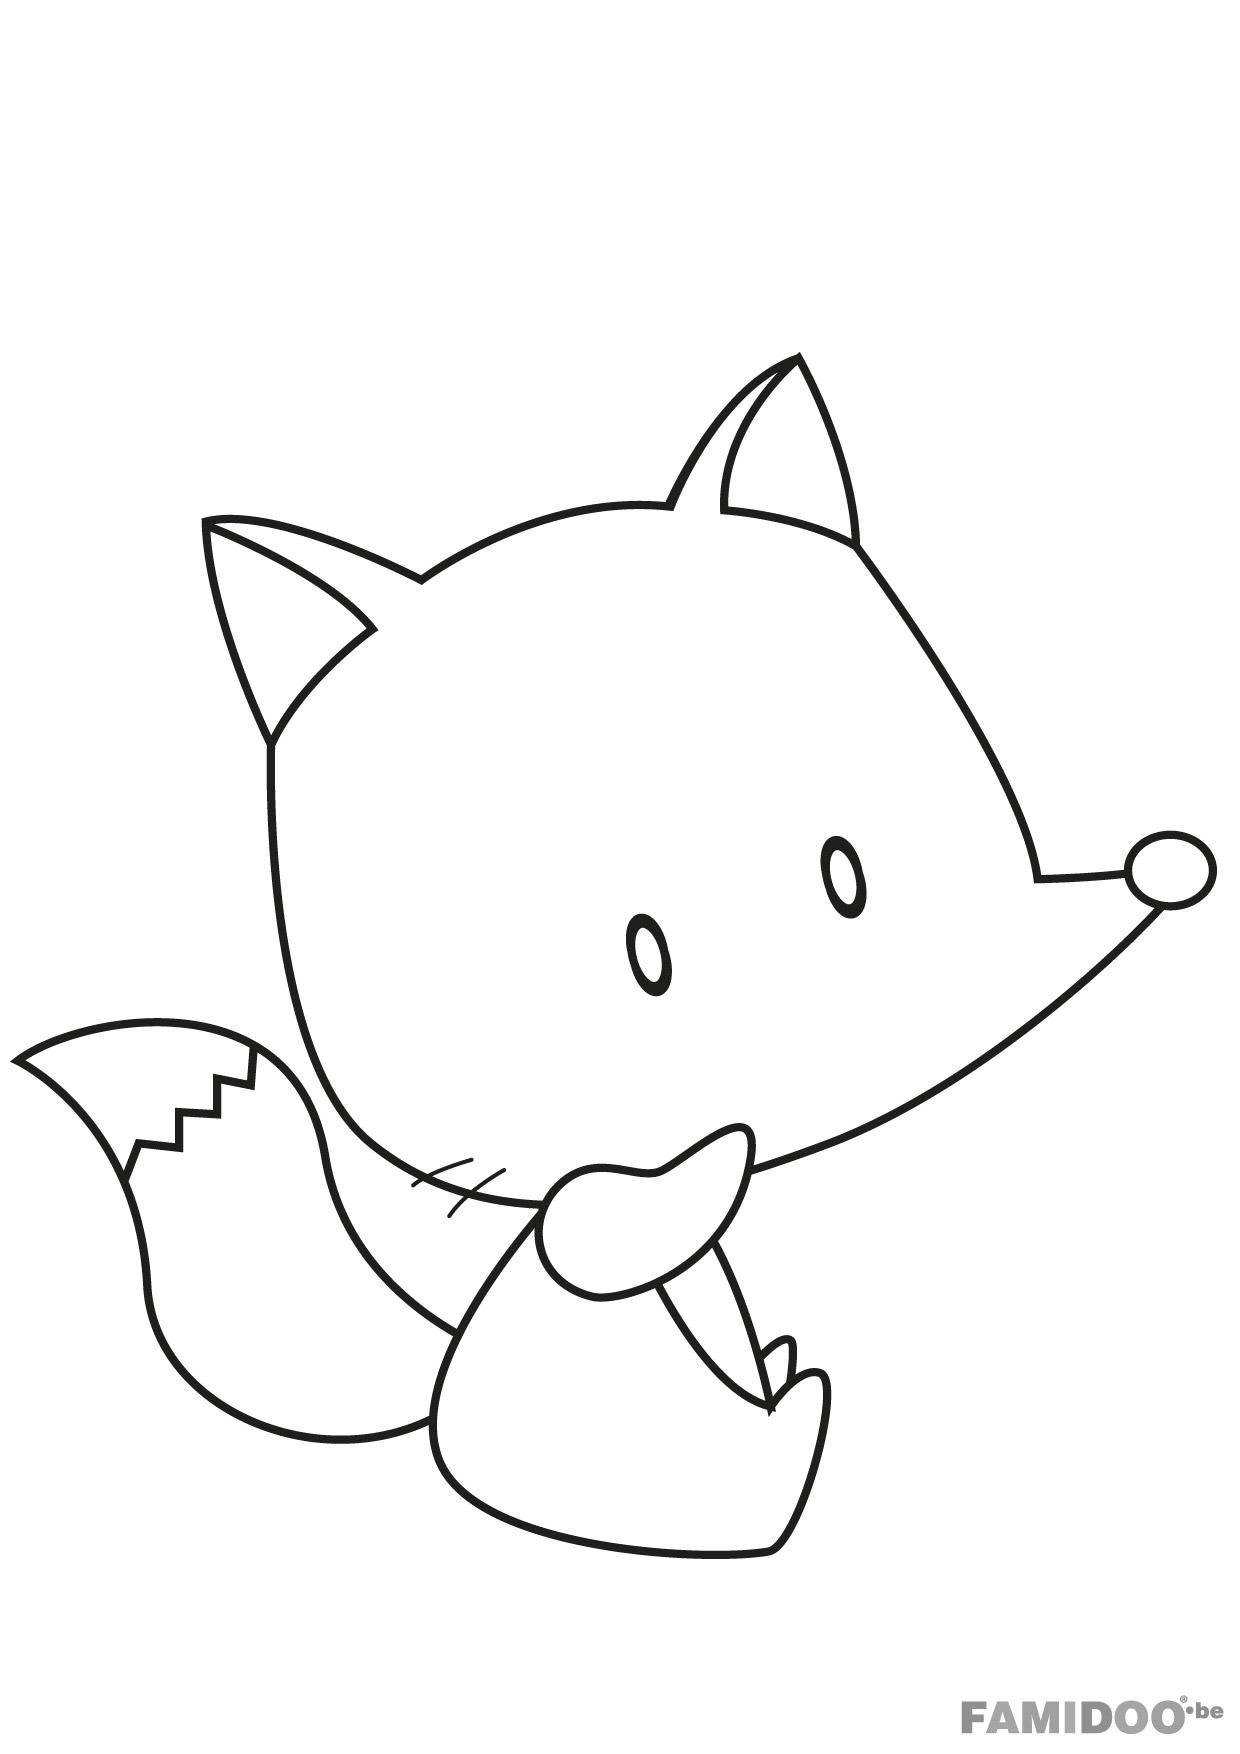 18 dessins de coloriage renard roule galette imprimer - Dessin noir et blanc animaux ...